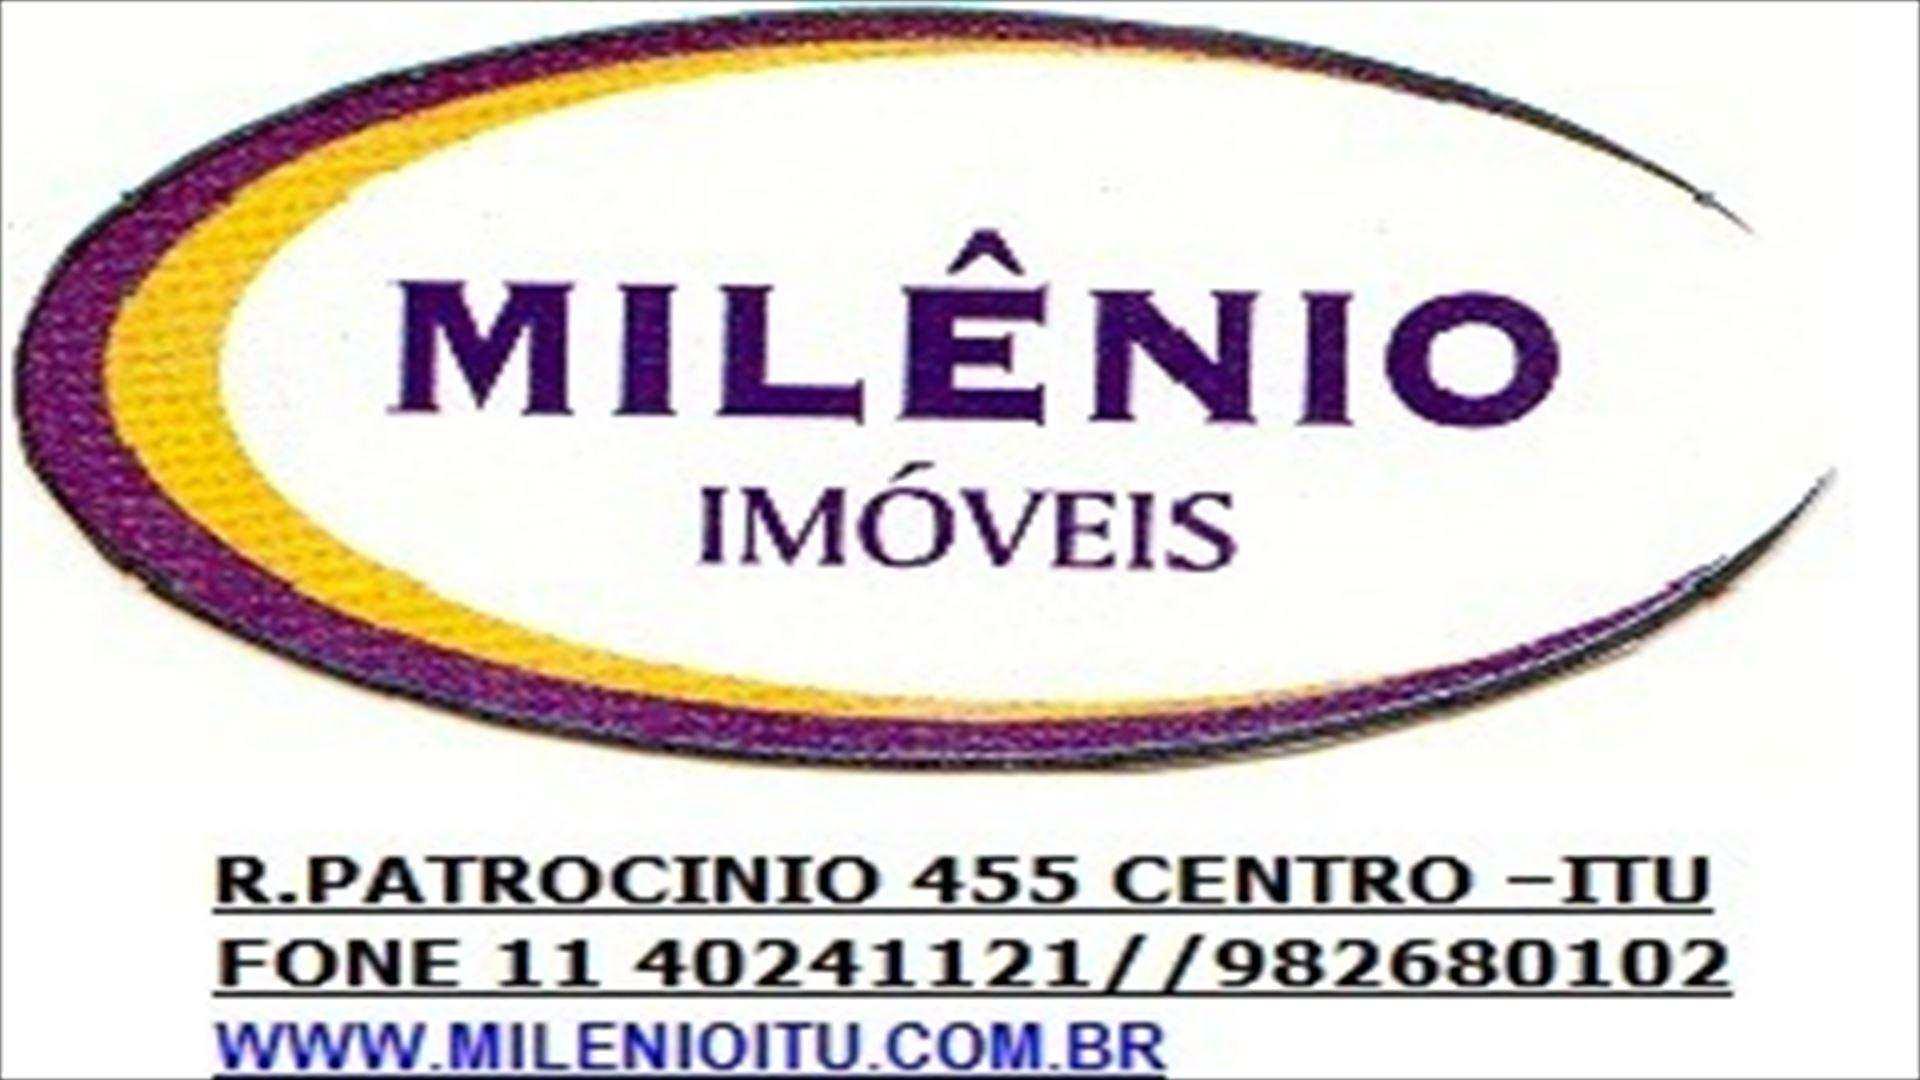 181200-LOGO_TIPO_MILENIO1.jpg